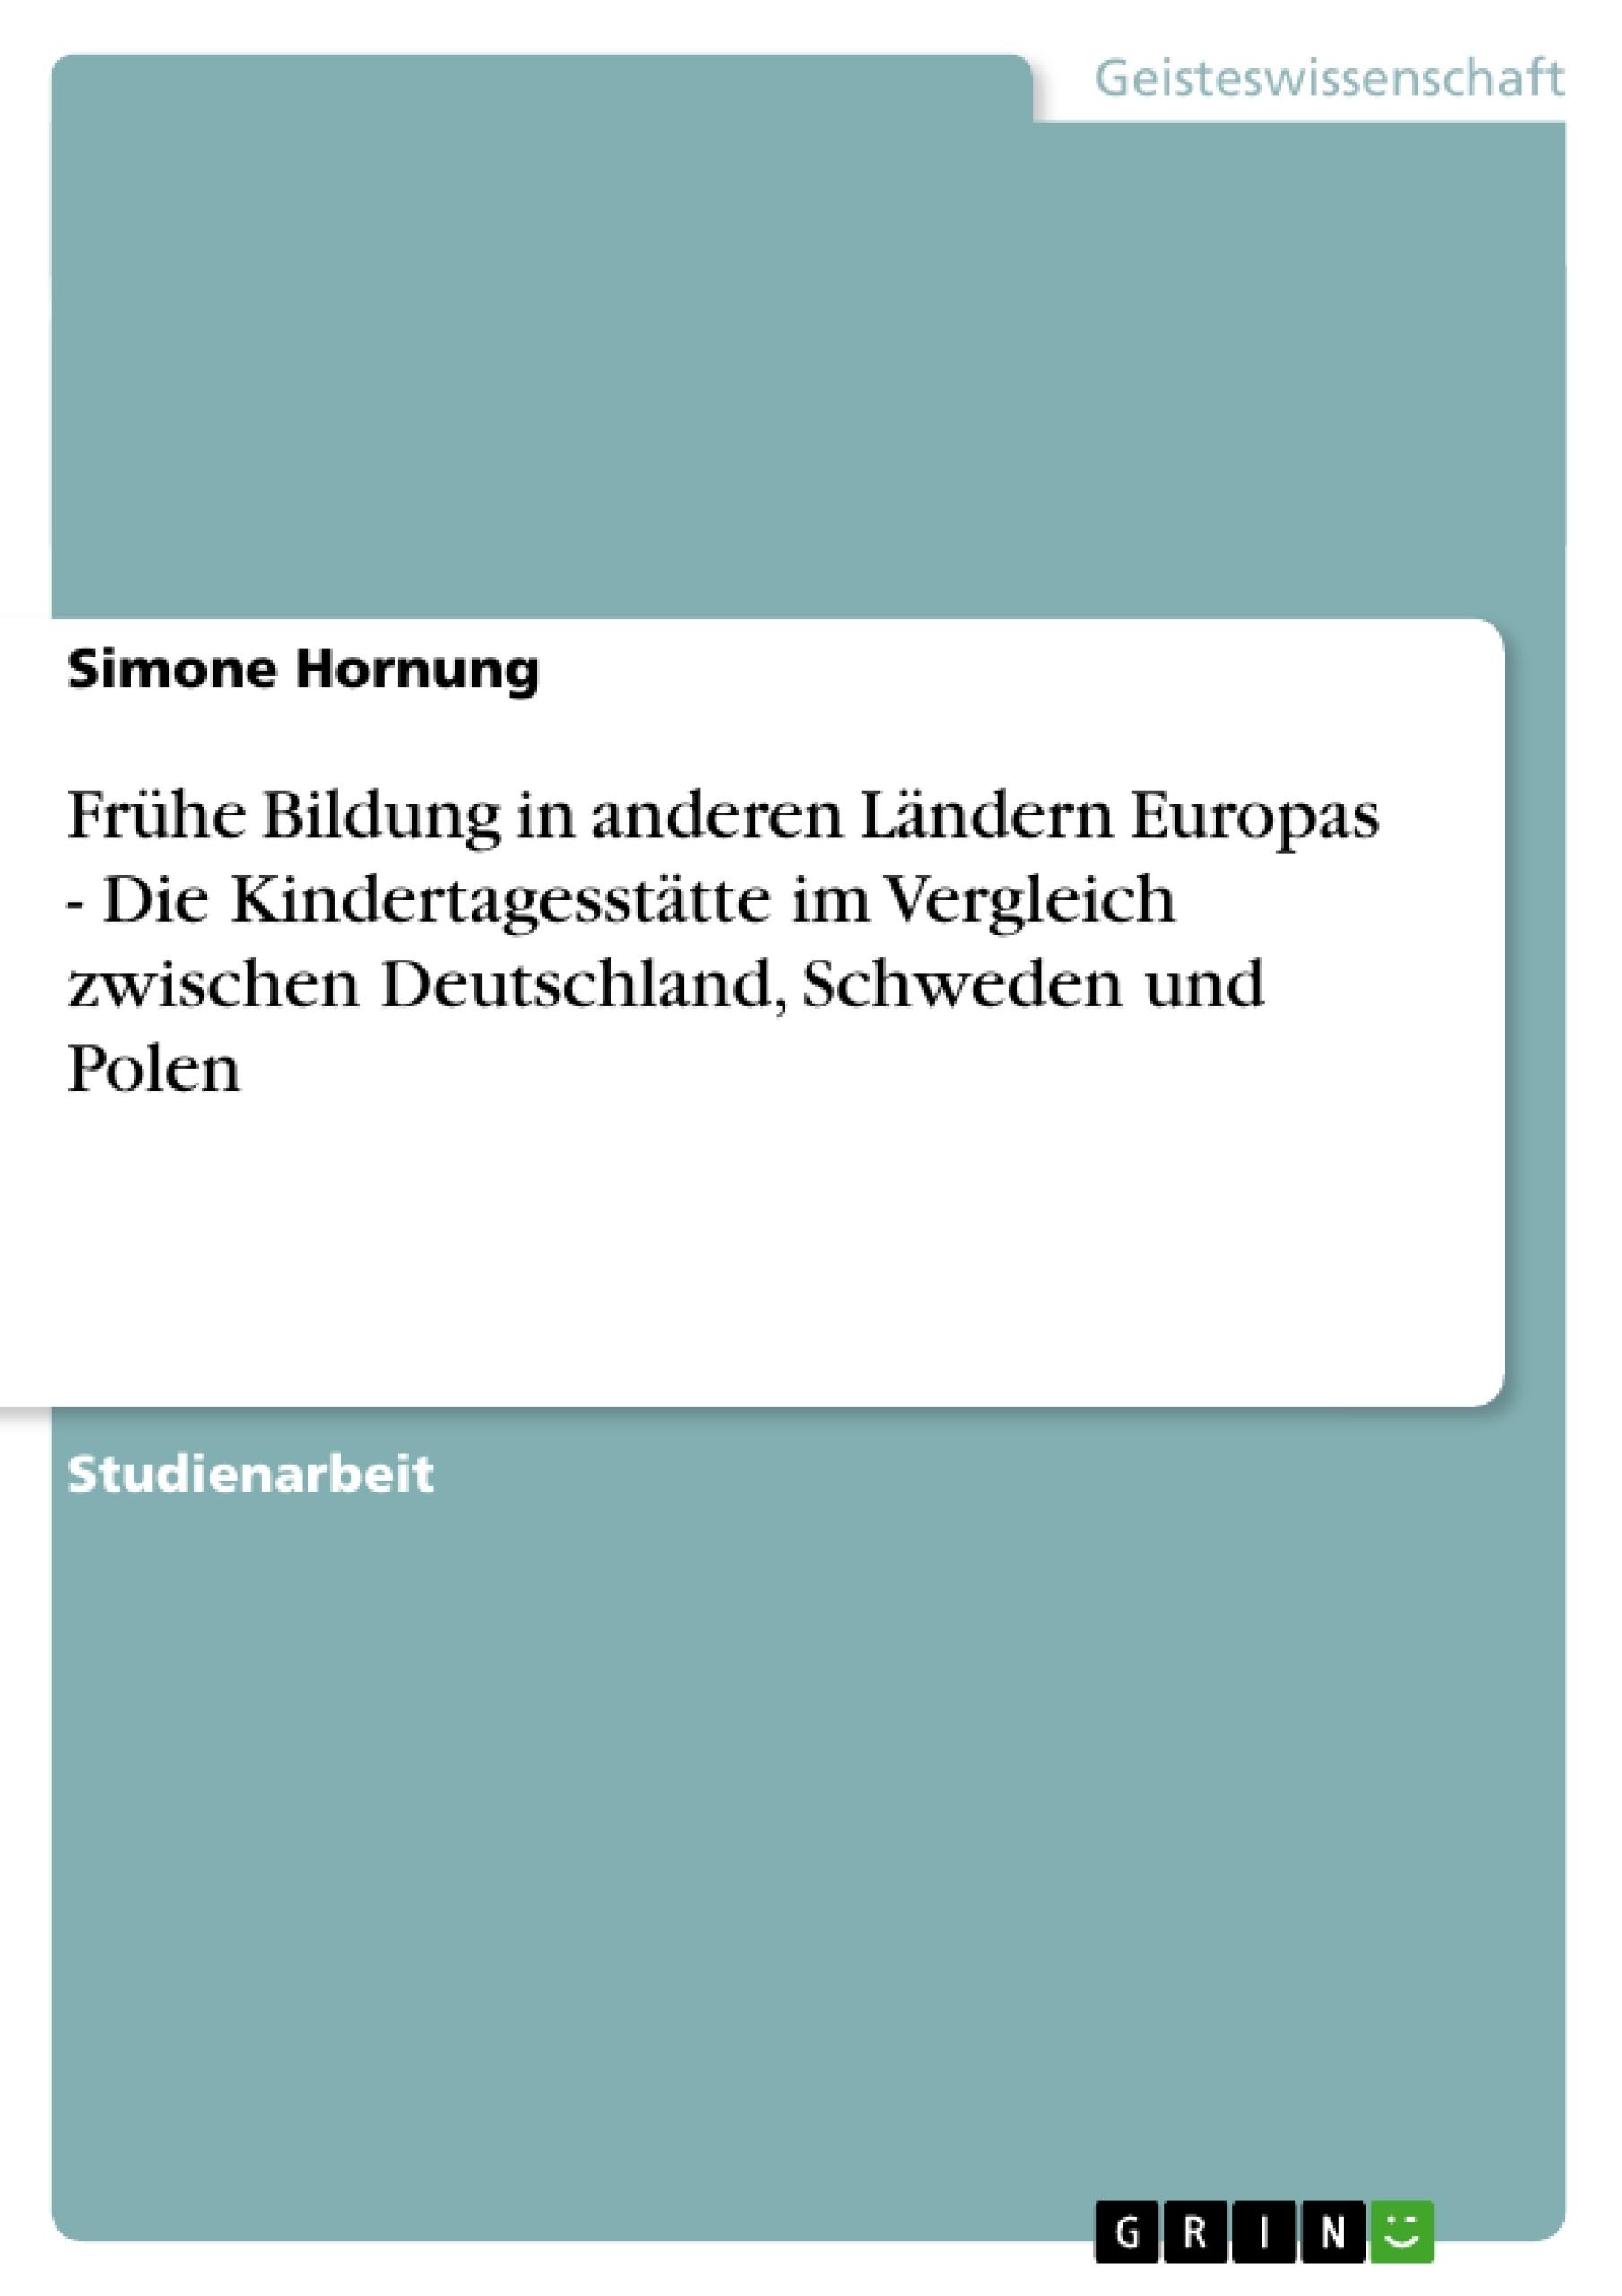 Titel: Frühe Bildung in anderen Ländern Europas - Die Kindertagesstätte im Vergleich zwischen Deutschland, Schweden und Polen